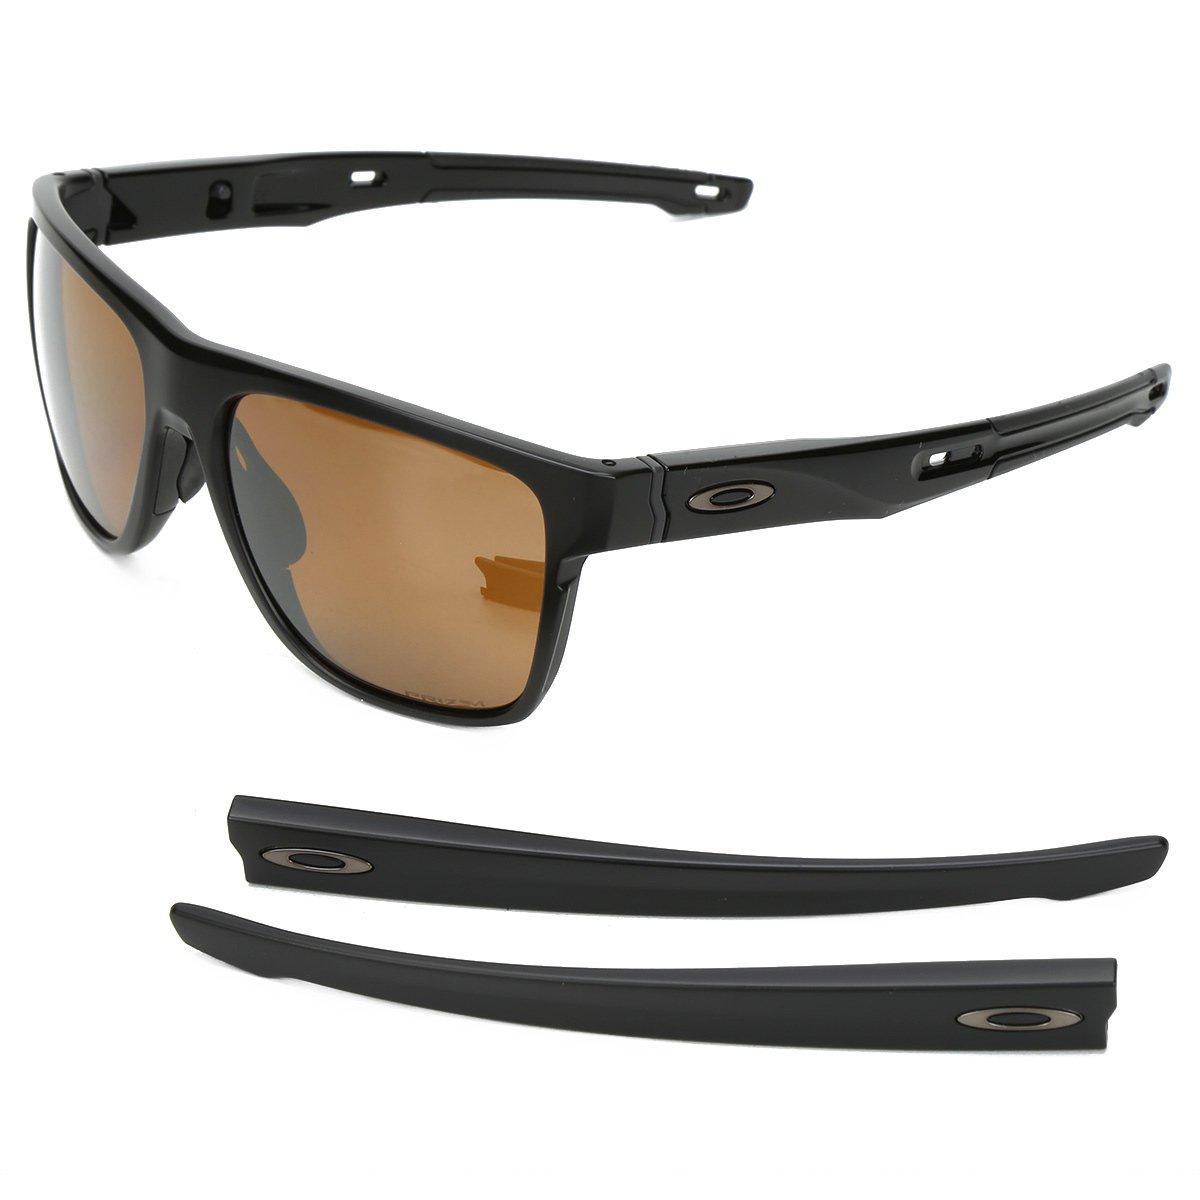 226b28426f1de Óculos Oakley Crossrange Xl - Compre Agora   Netshoes